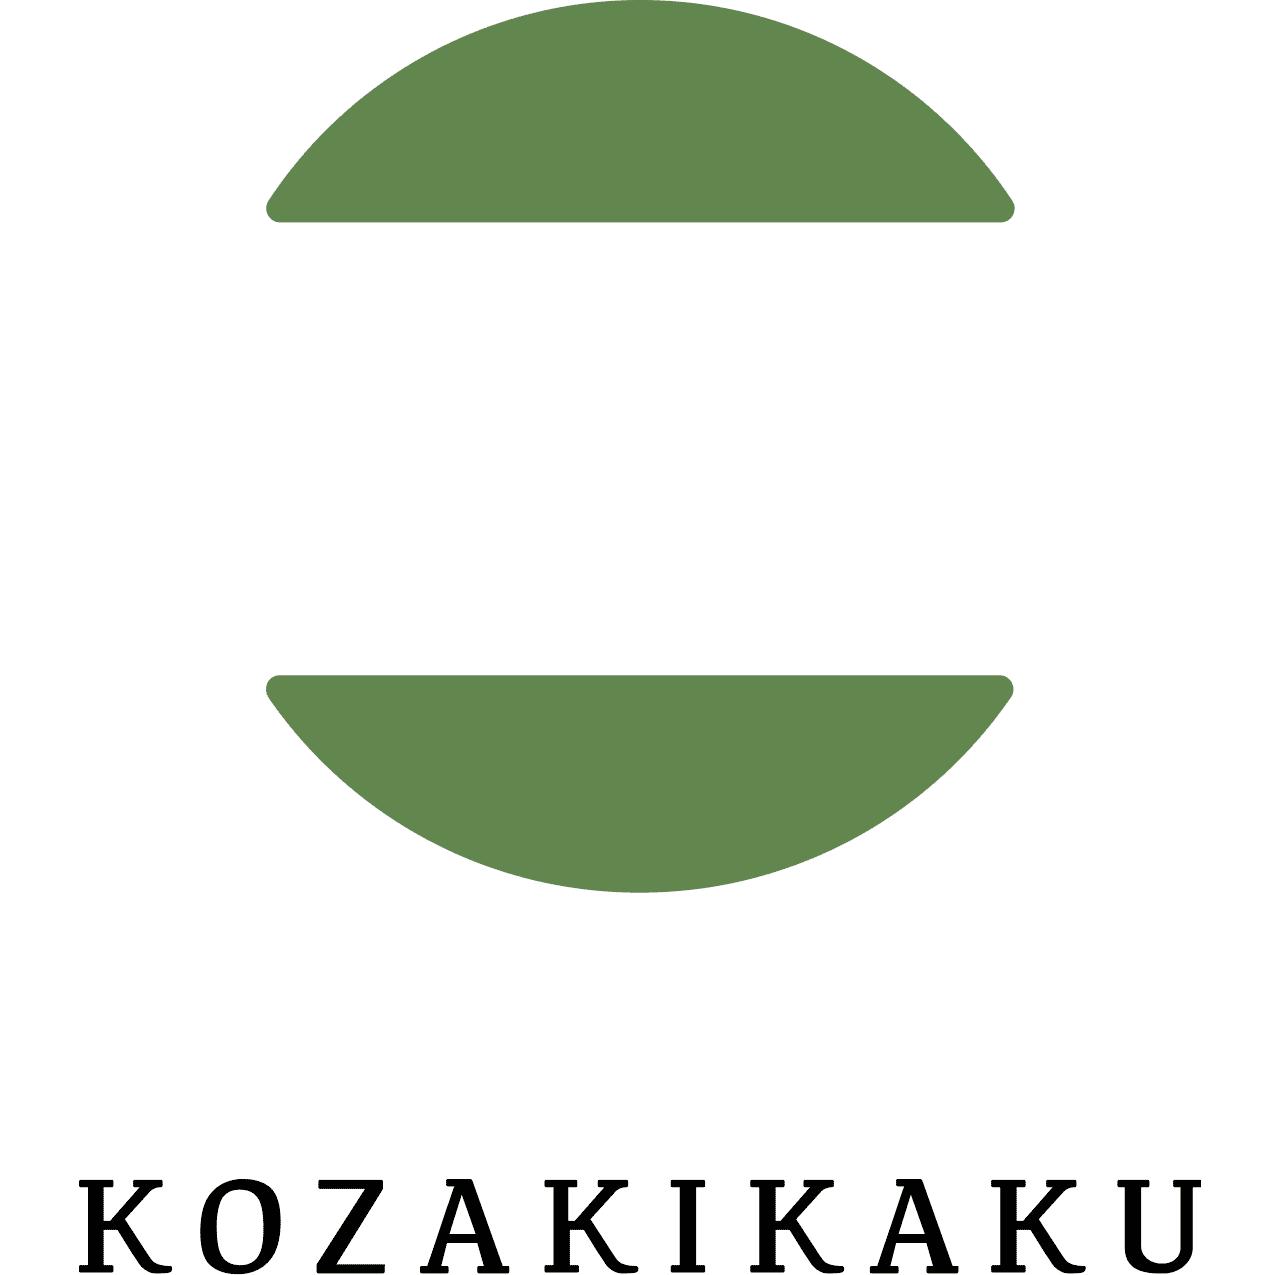 株式会社KOZAKIKAKU